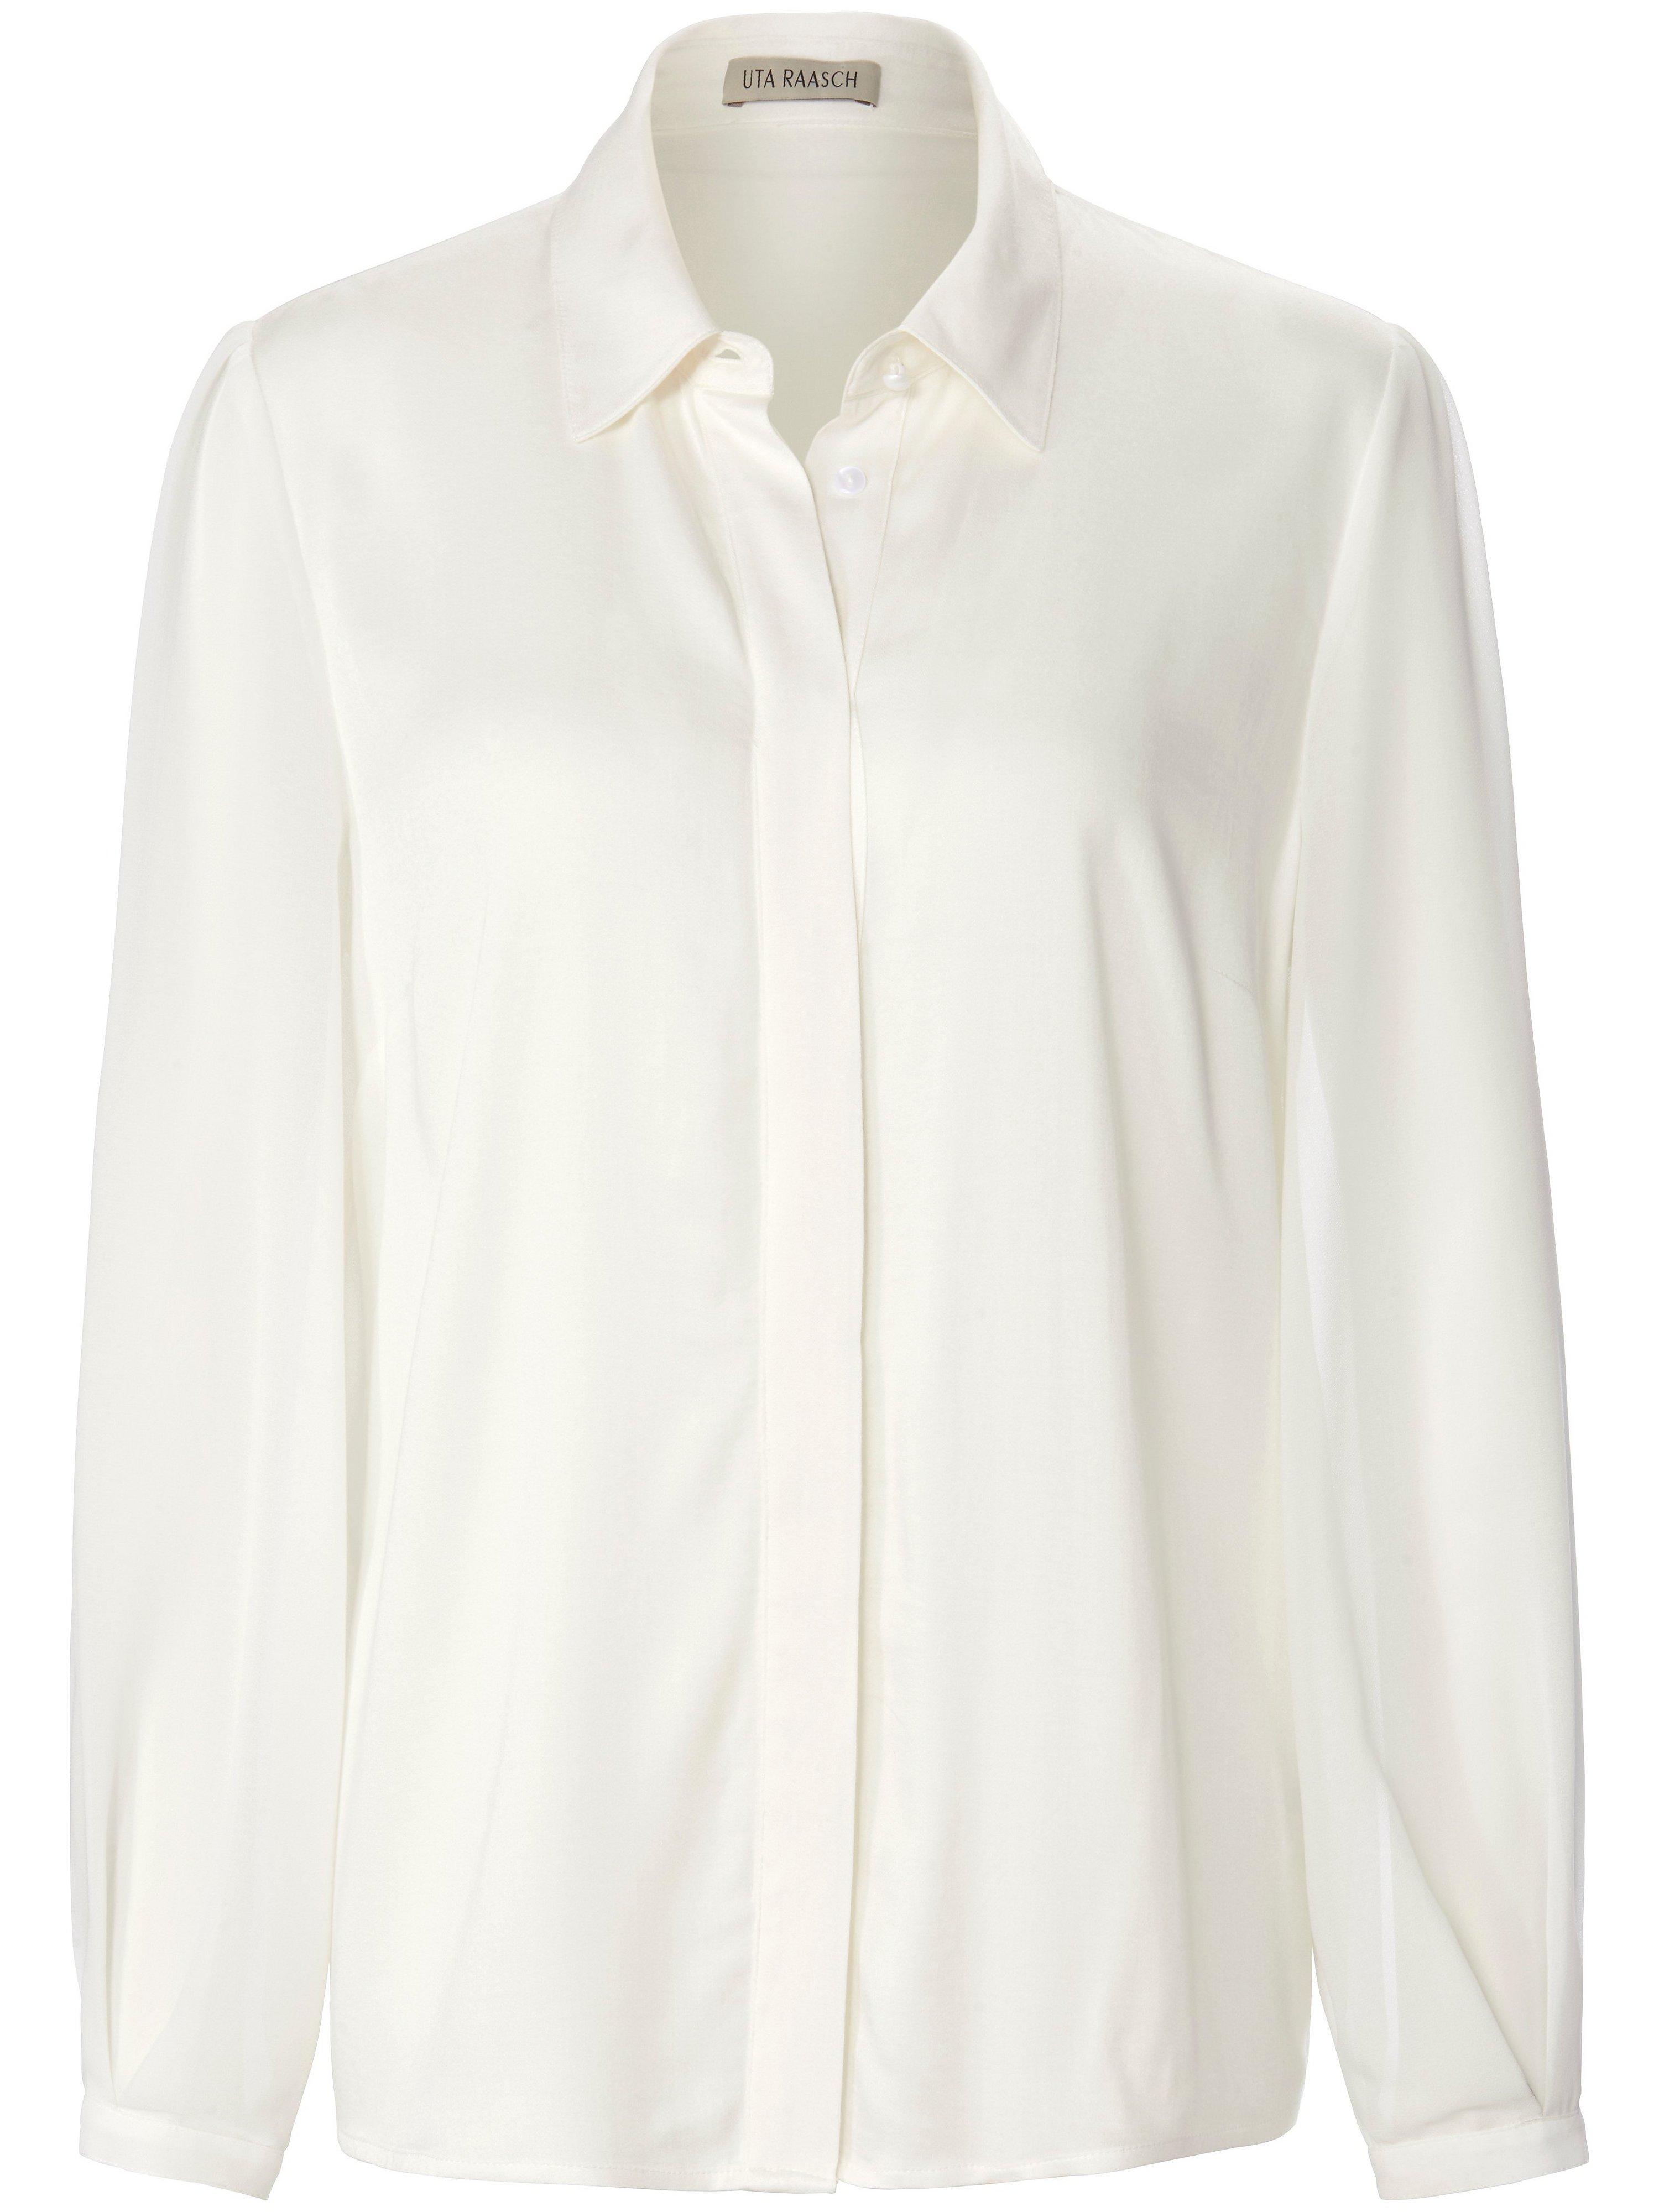 Blouse lange mouwen en overhemdkraag Van Uta Raasch wit